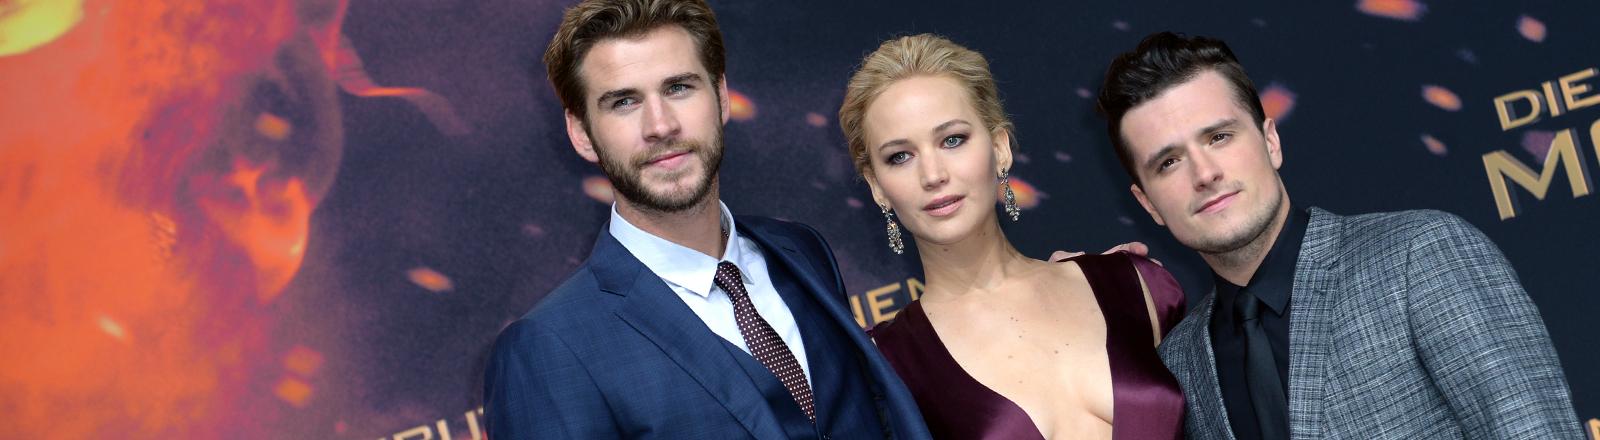 """Die Schauspieler Josh Hutcherson, Jennifer Lawrence und Liam Hemsworth (r-l) kommen am 04.11.2015 zur Weltpremiere des Abschlussfilms """"Die Tribute von Panem""""."""